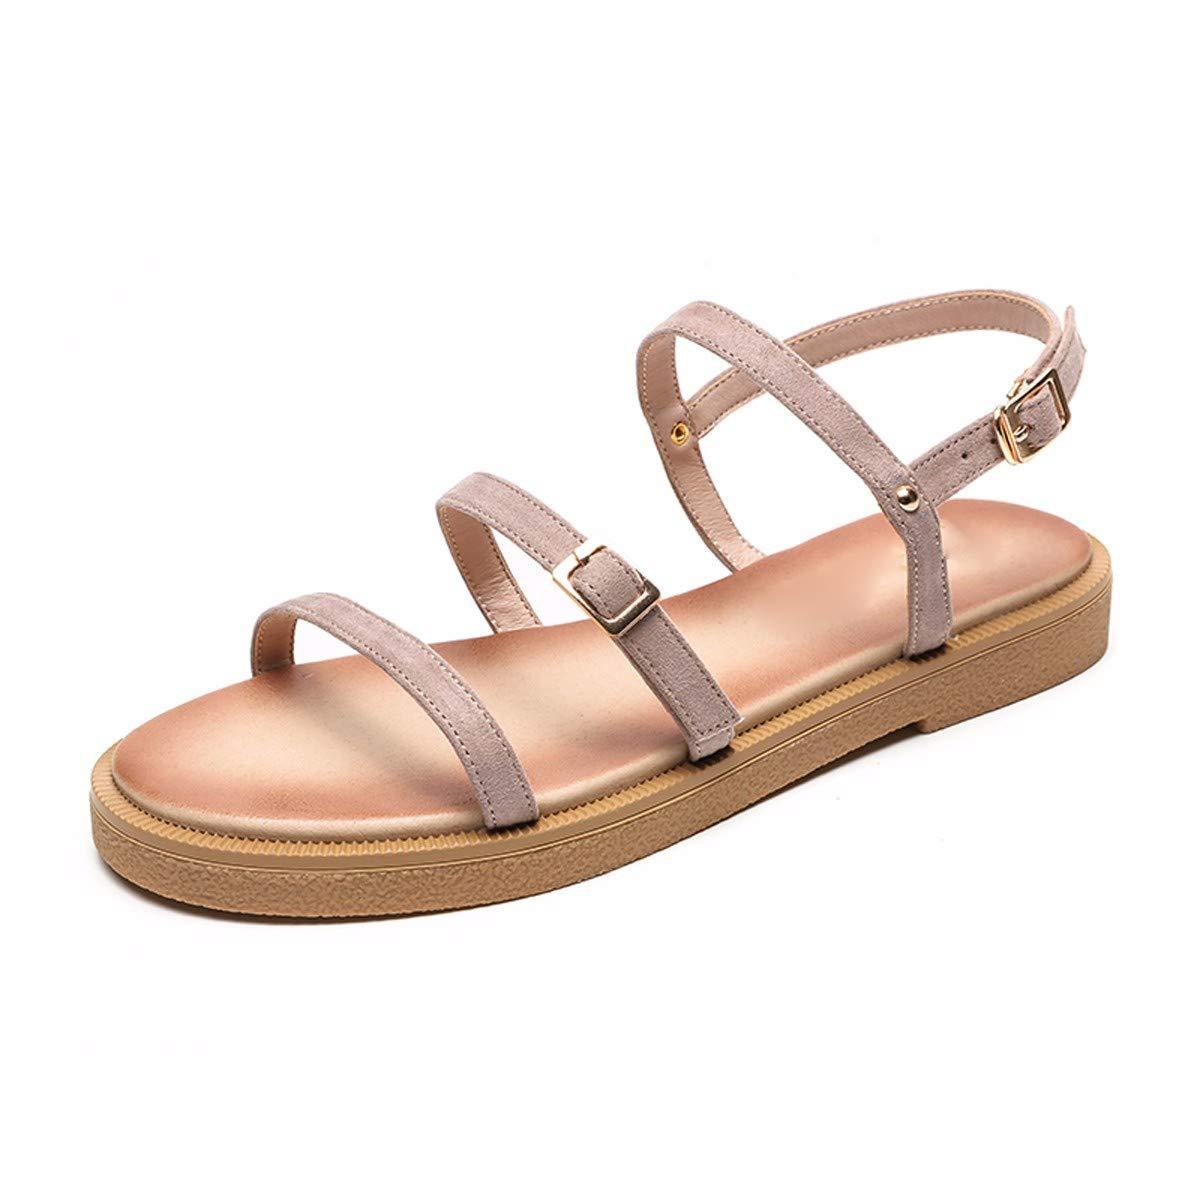 KPHY-Ein Paar Zehen Weiches Mädchen Flach Unten Sandalen Niedrige Absätze Absätze Niedrige Flache Sandalen.35 Aprikosen - Farbe - b841e2